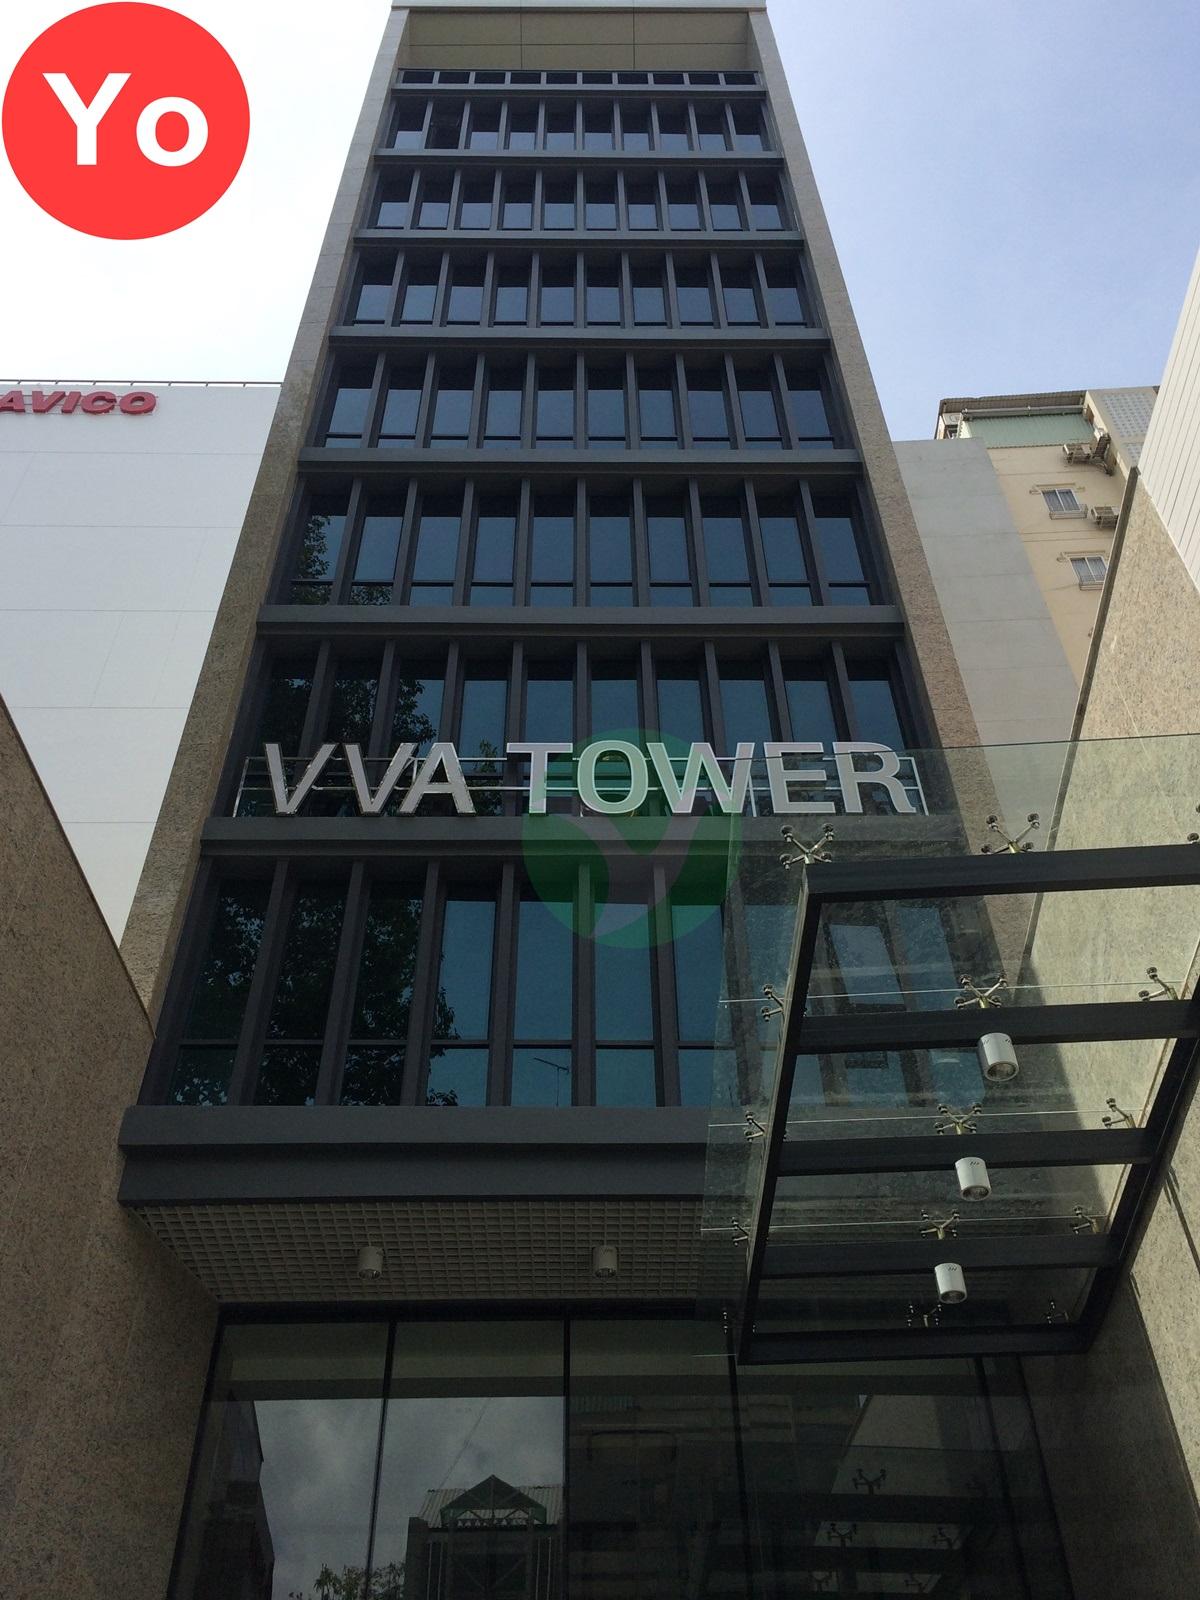 Cho thuê văn phòng Quận 1 – Tòa nhà VVA Tower